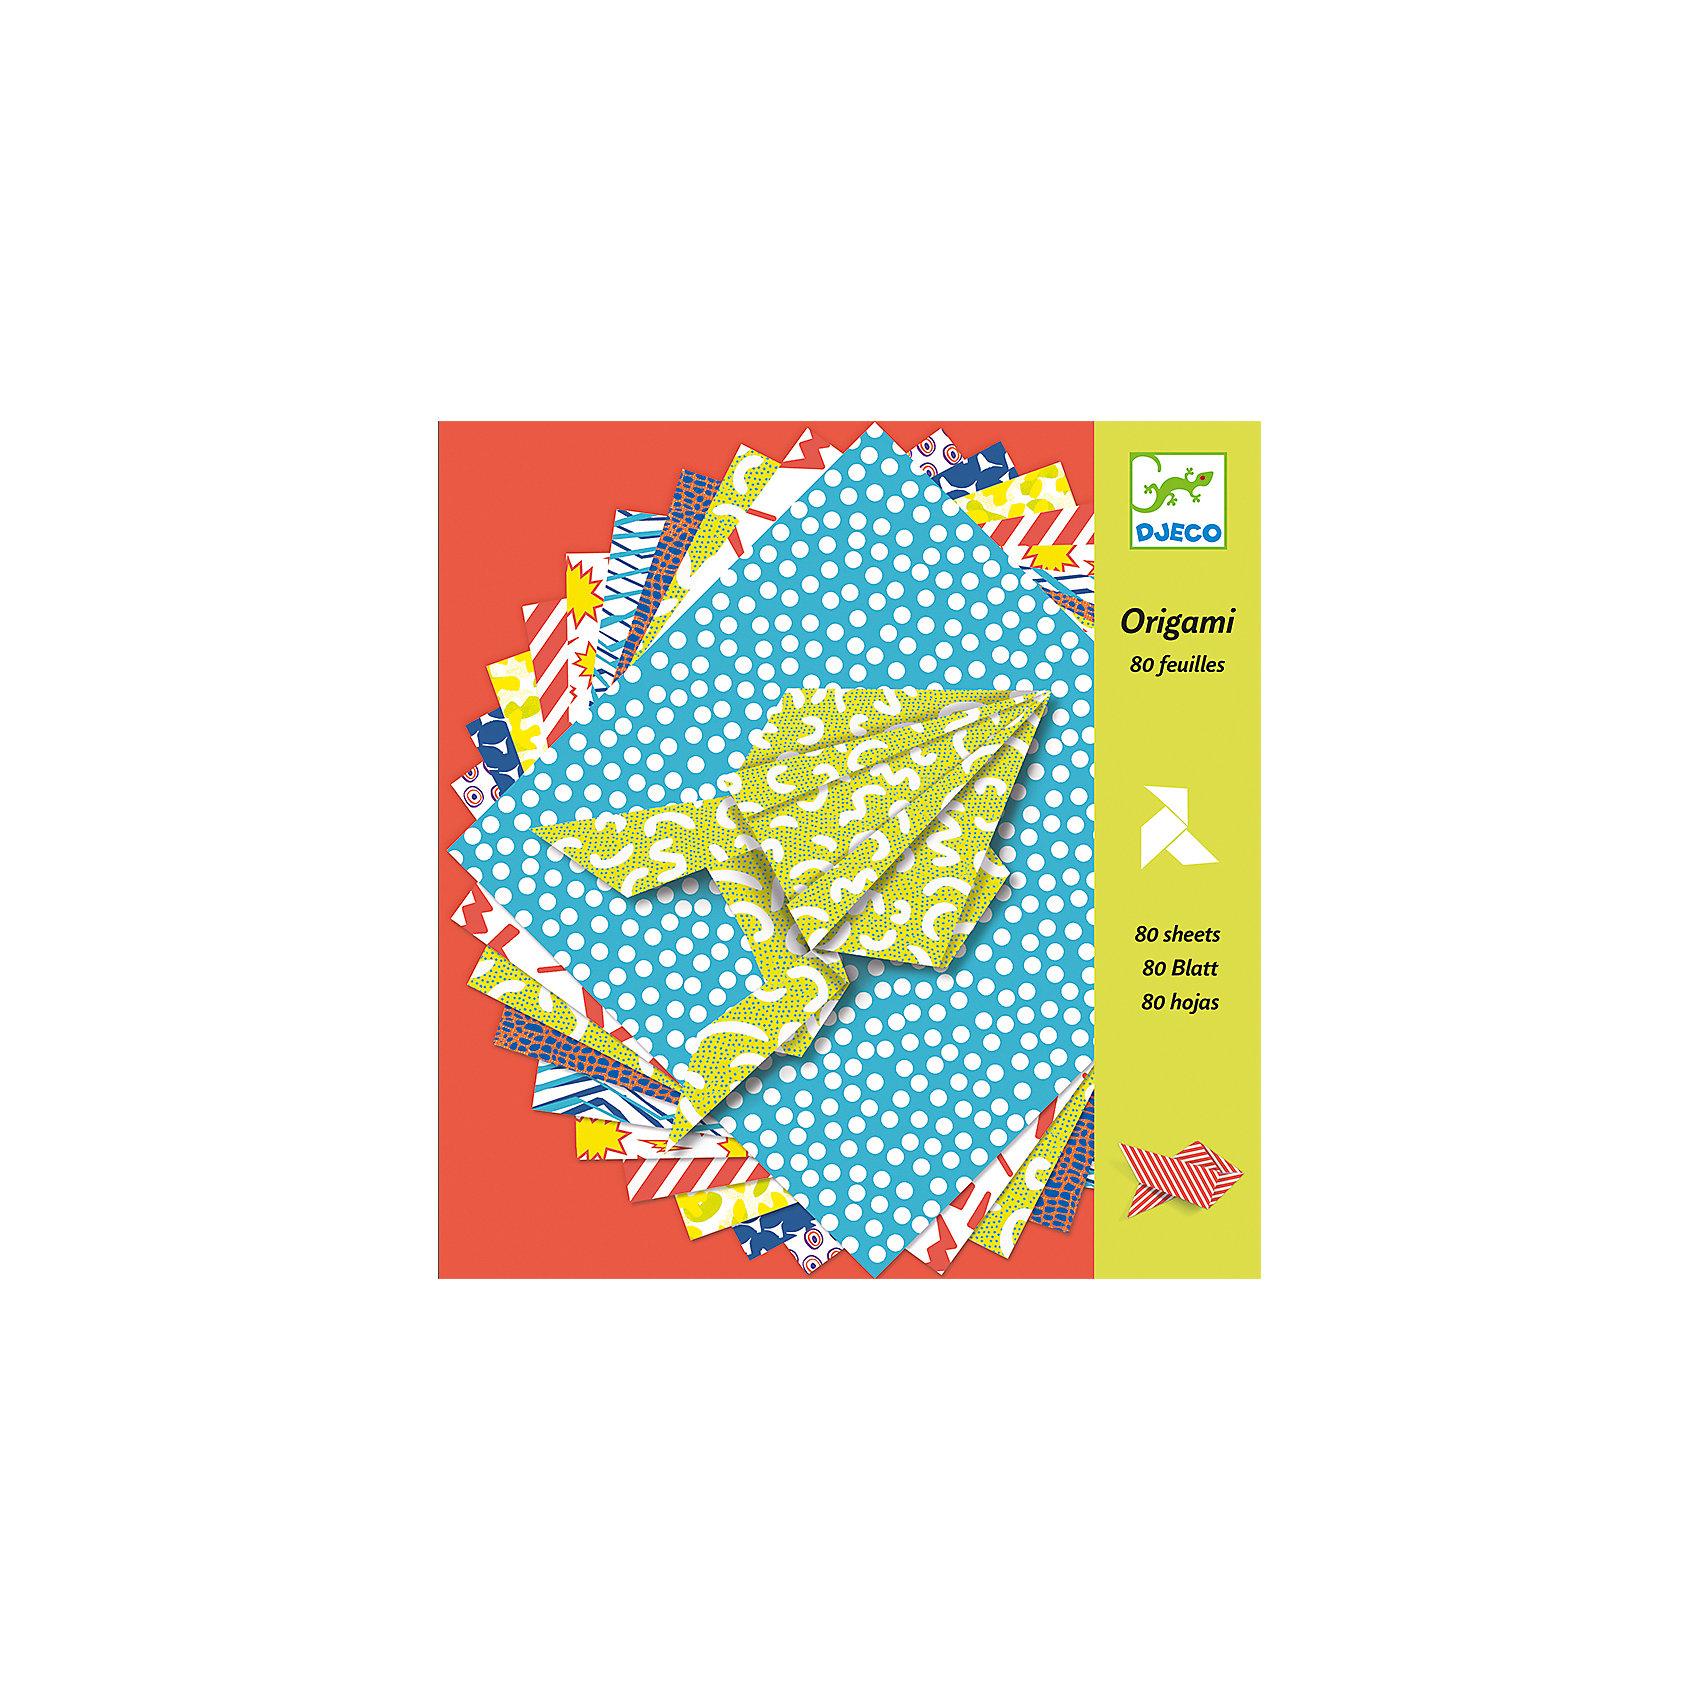 DJECO Оригами БумажныеНаборы оригами<br>Оригами DJECO (Джеко) представляют собой набор из 100 различных разноцветных листов. <br><br>Этот набор показывает детям как сделать птиц, рыб и лягушек,  просто складывая бумагу. <br><br>Дополнительная информация:<br><br>- набор содержит 100 печатных листов с различным дизайном и пошаговые инструкции по созданию фигурок<br>- все это хранится в прочной коробке, что делает хранение безопасным и аккуратным<br>- размер коробки 21,5 х 21,5 х 2,5 см<br><br>Оригами является не только приятным времяпровождением, но и помогает координации движений, развитию мелкой моторики, а также способность ребенка распознавать формы.<br><br>Ширина мм: 210<br>Глубина мм: 230<br>Высота мм: 2<br>Вес г: 50<br>Возраст от месяцев: 84<br>Возраст до месяцев: 180<br>Пол: Унисекс<br>Возраст: Детский<br>SKU: 2175148